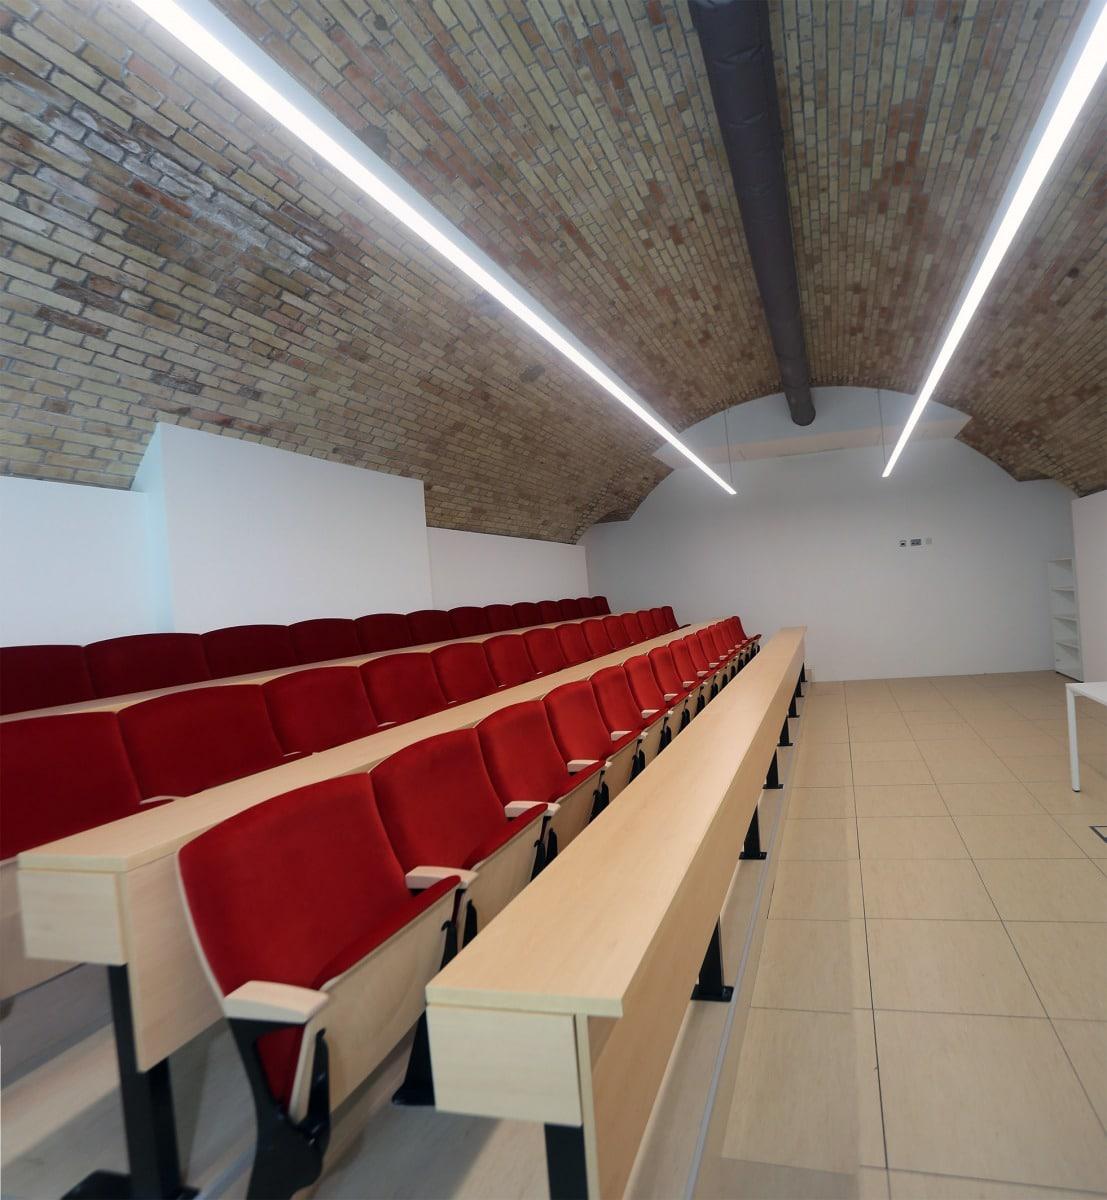 university-panorama-4_21457018122_o